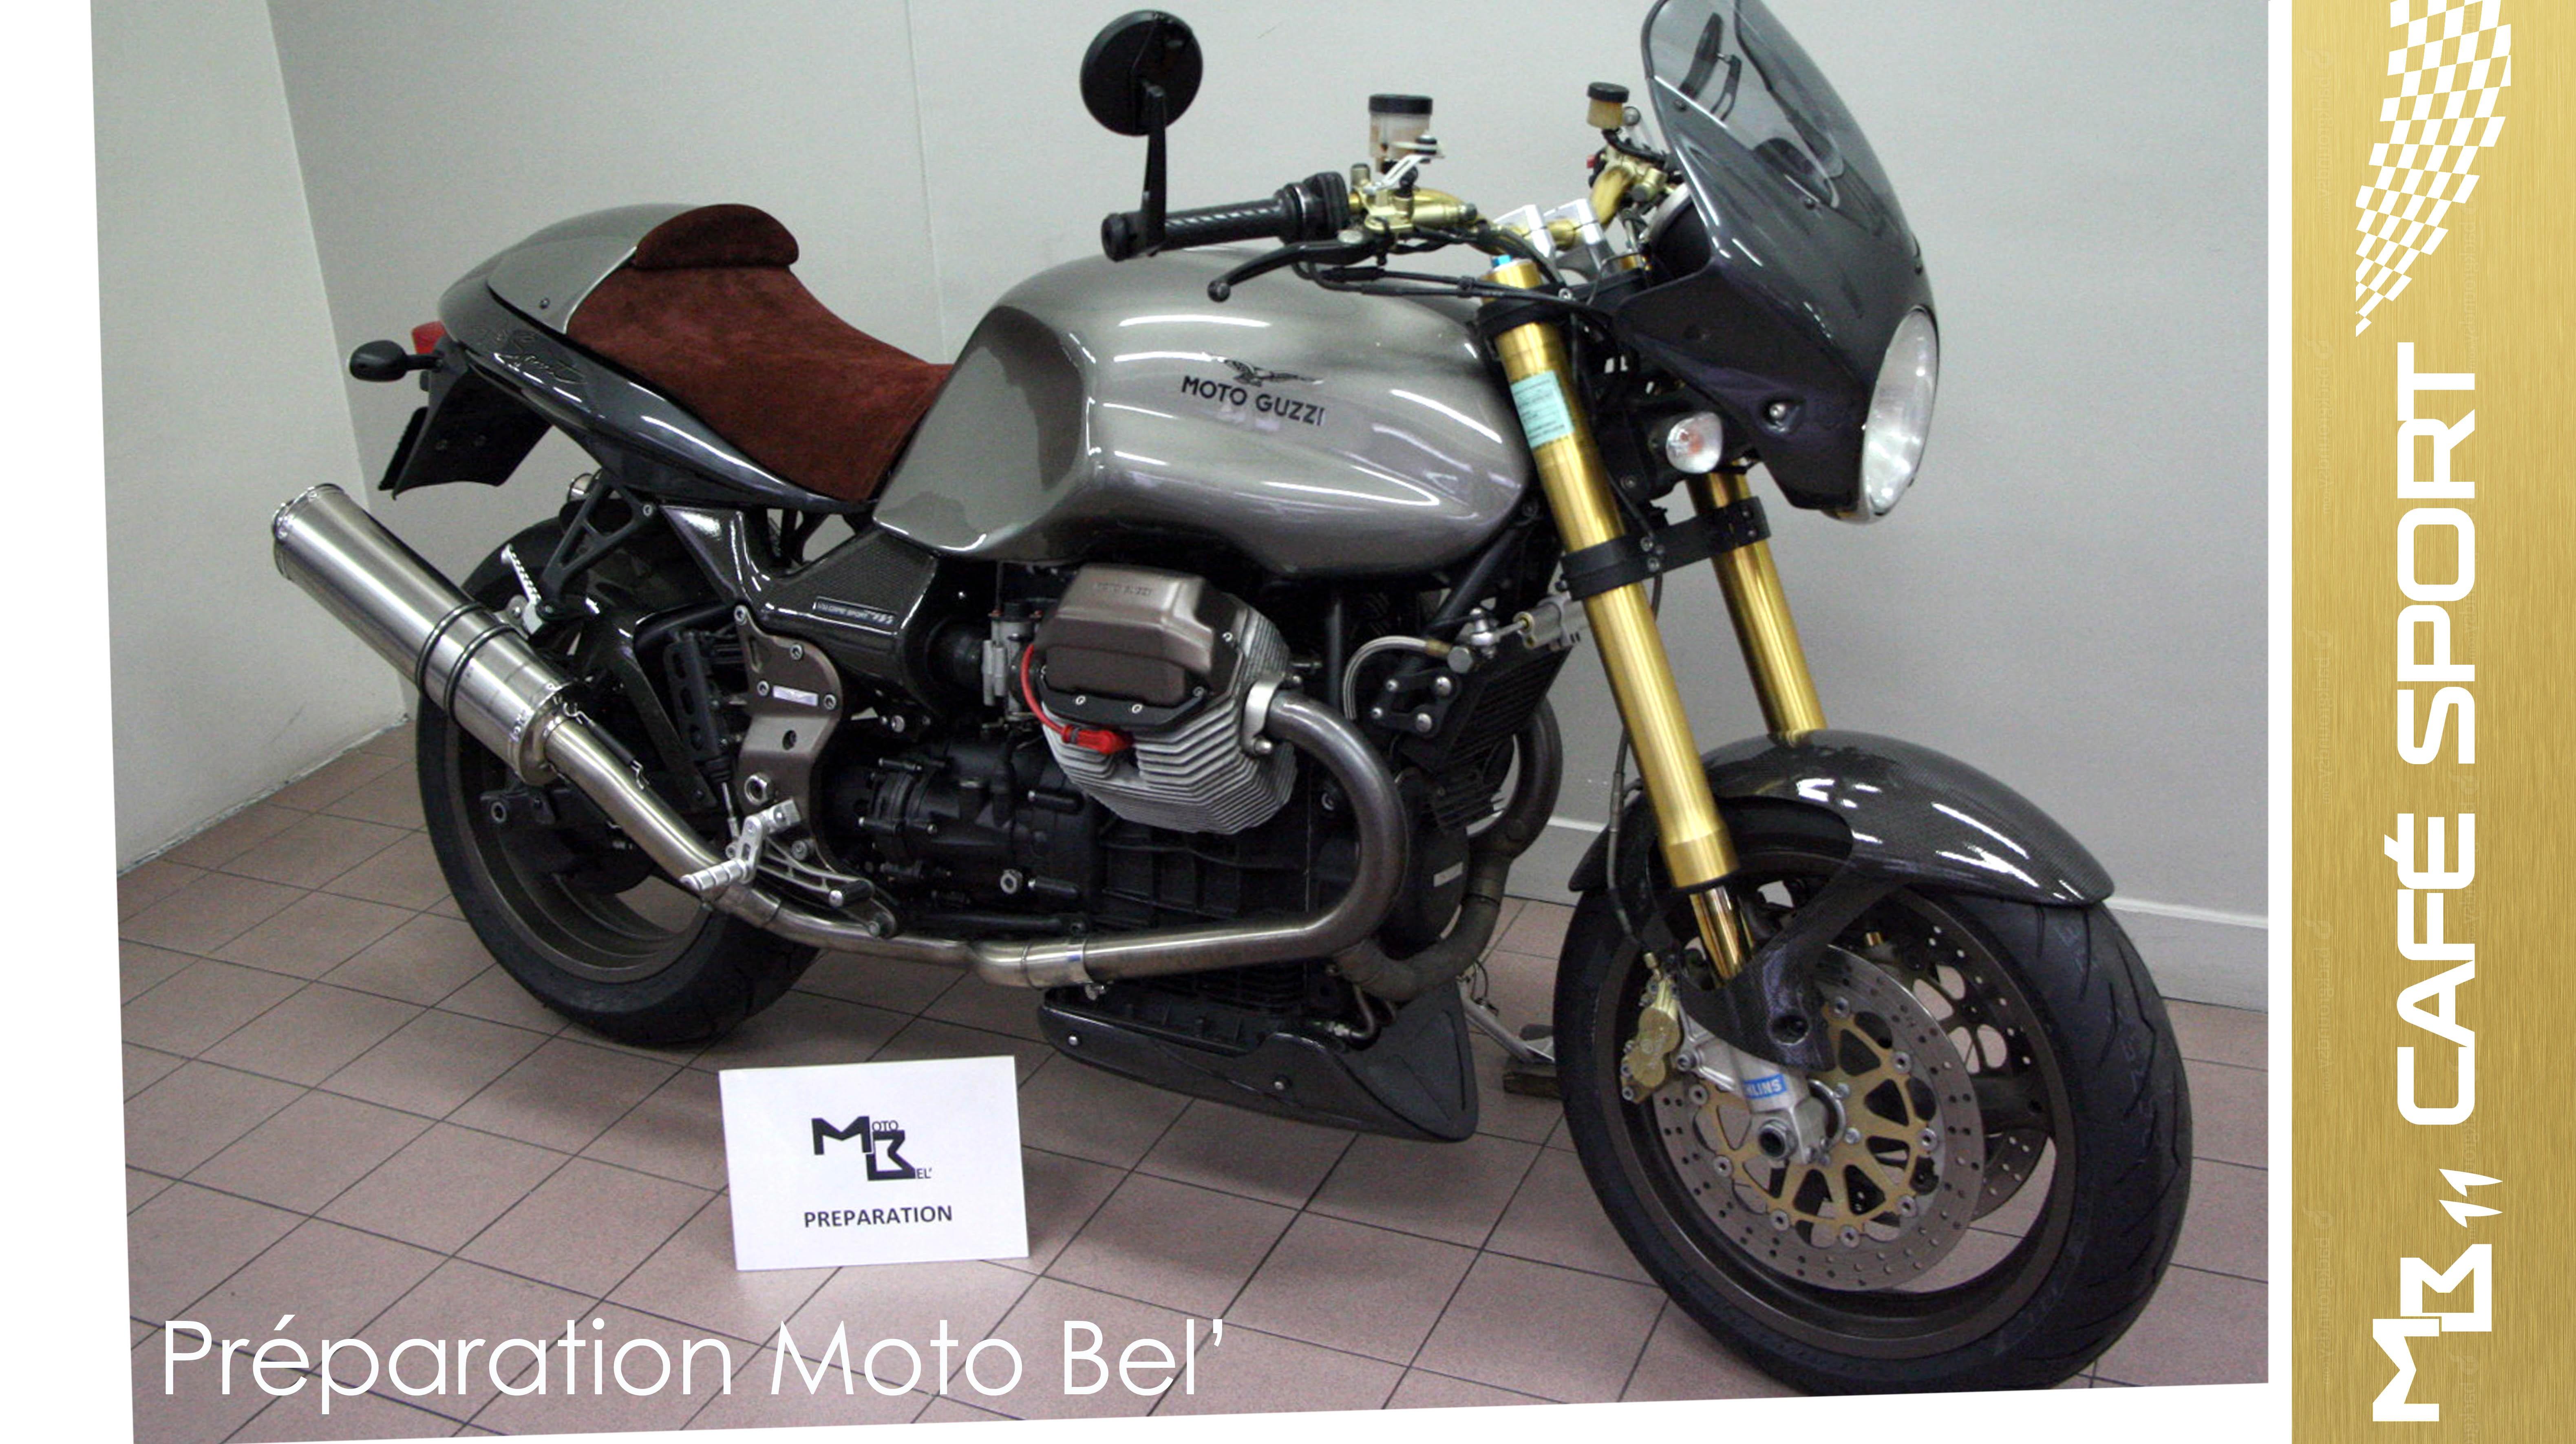 moto guzzi occasion nantes id es d 39 image de moto. Black Bedroom Furniture Sets. Home Design Ideas